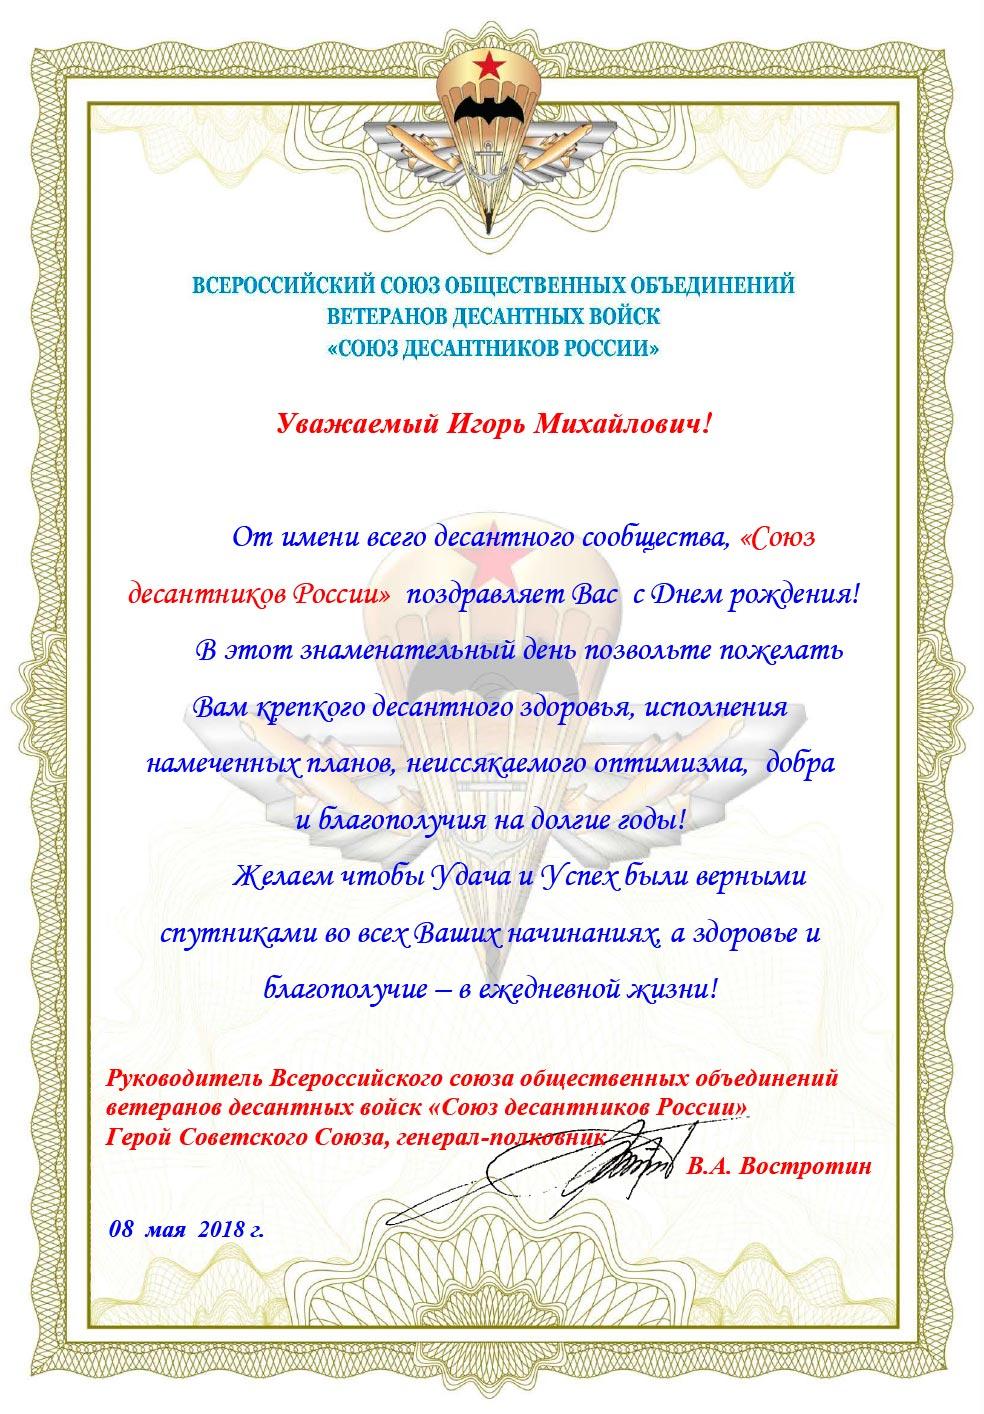 ПОЗДРАВЛЯЕМ С ДНЕМ РОЖДЕНИЯ ЧЛЕНА ЦЕНТРАЛЬНОГО СОВЕТА «СОЮЗА ДЕСАНТНИКОВ РОССИИ» КАШАЕВА ИГОРЯ МИХАЙЛОВИЧА!